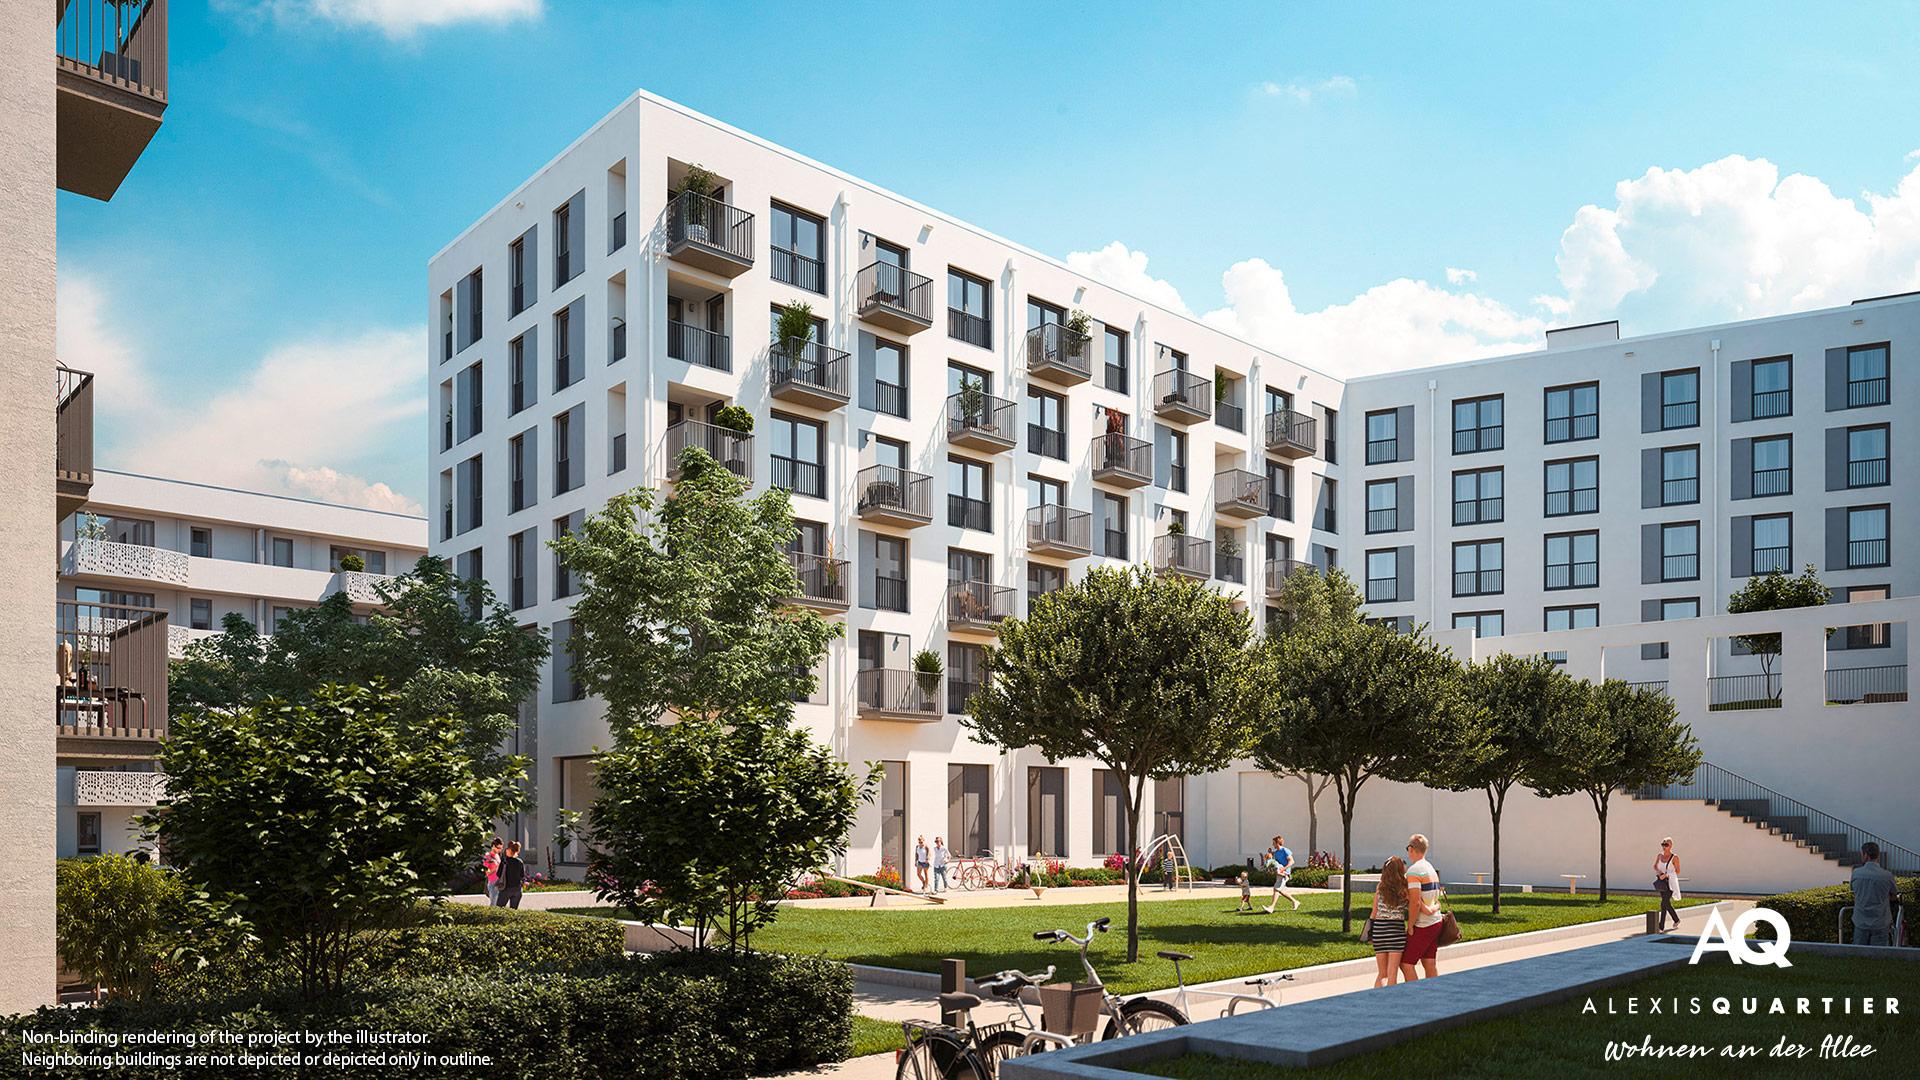 Property Alexisquartier - Wohnen an der Allee - Illustration 3